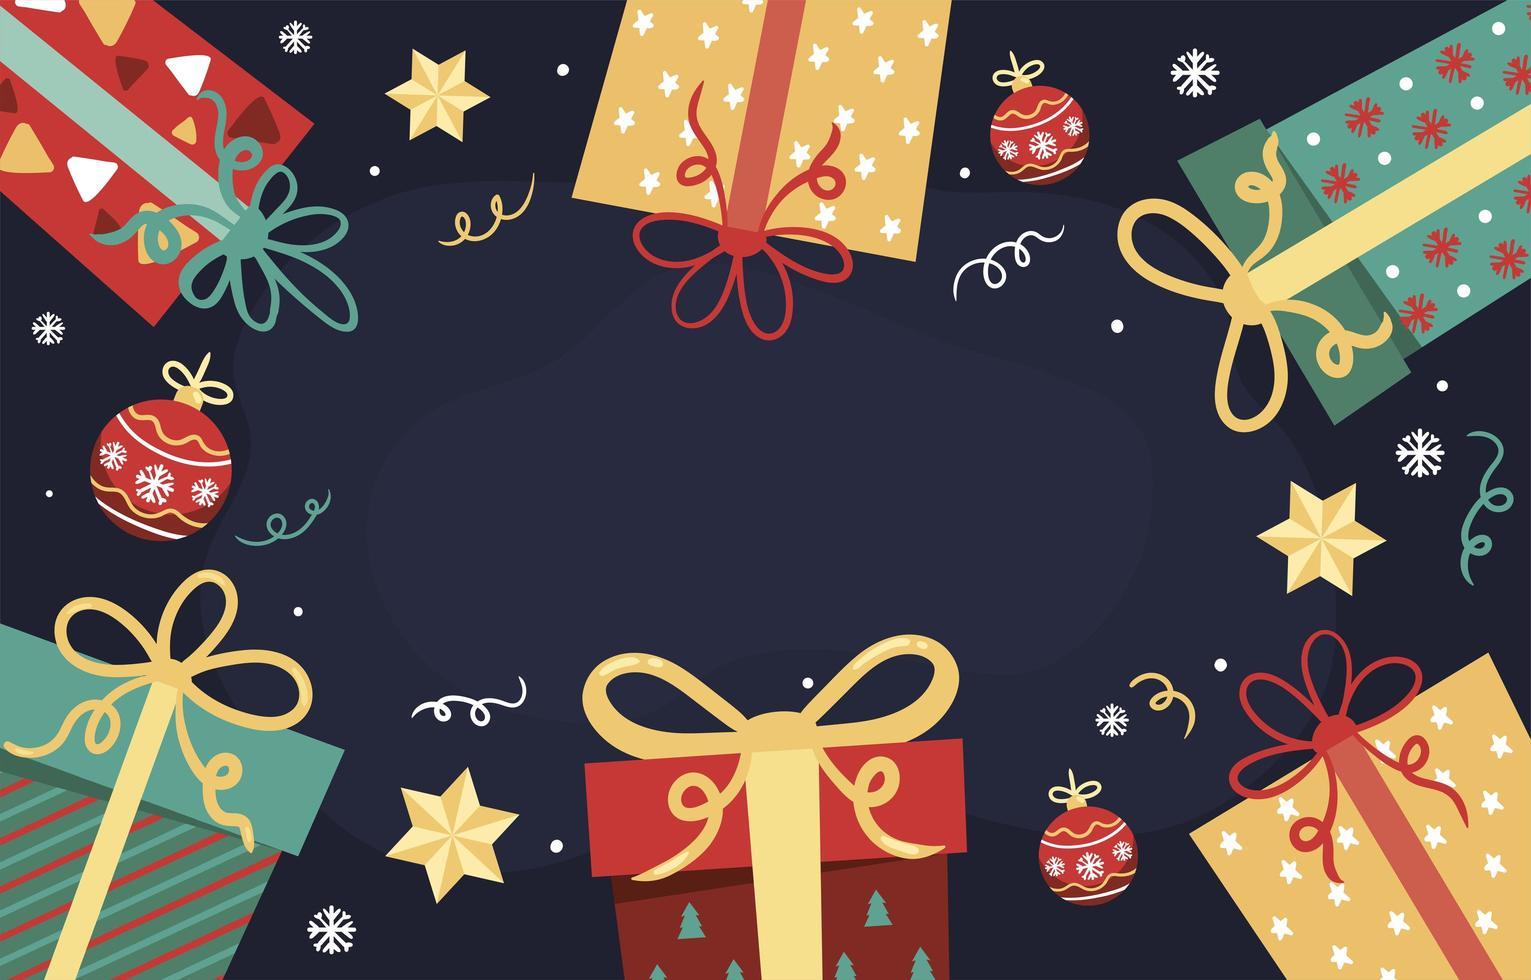 freudiger Weihnachtsgeschenkhintergrund vektor